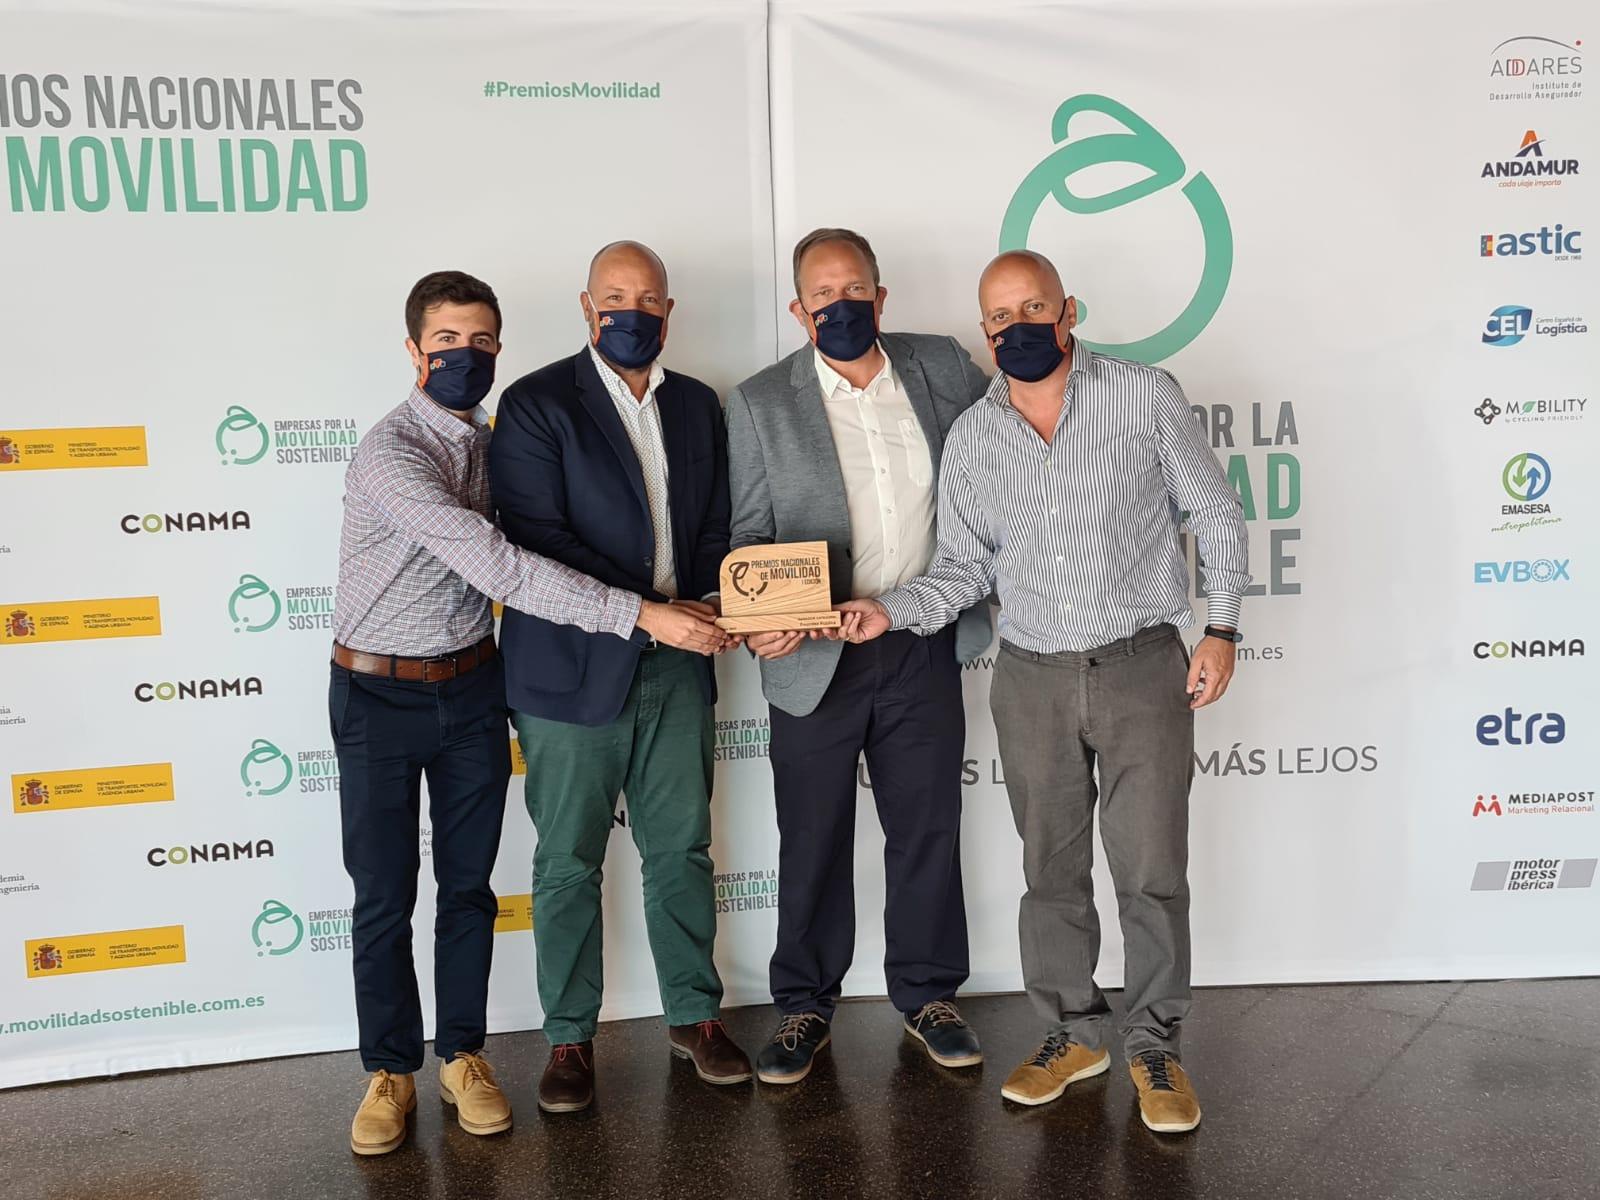 Sagulpa gana el Premio Nacional a la Movilidad / CanariasNoticias.es